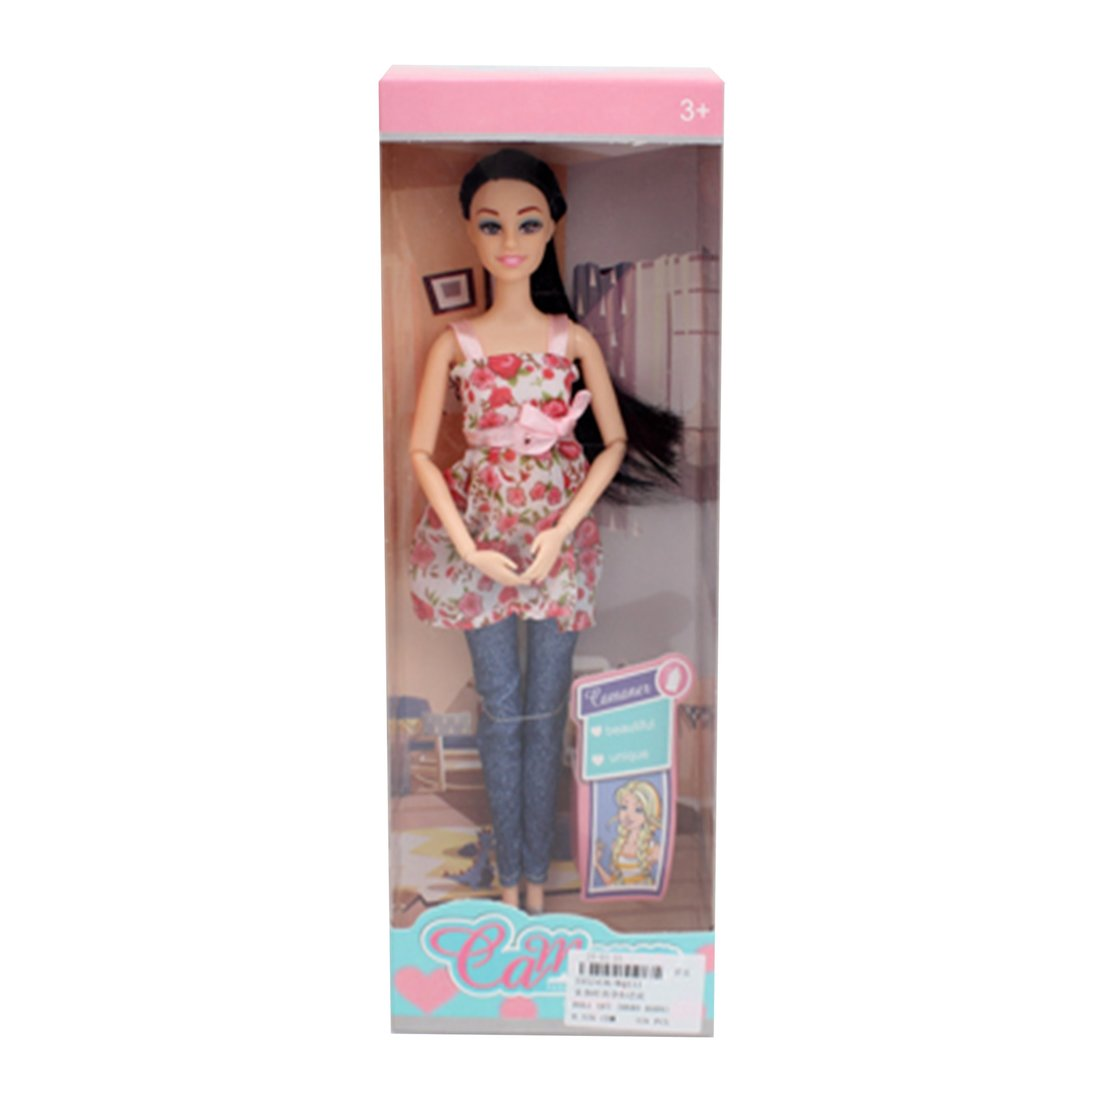 Купить Маленькая мама кукла 30 см, пупс, Кукла Наша Игрушка Маленькая мама кукла 30 см, пупс KQ111, Наша игрушка,